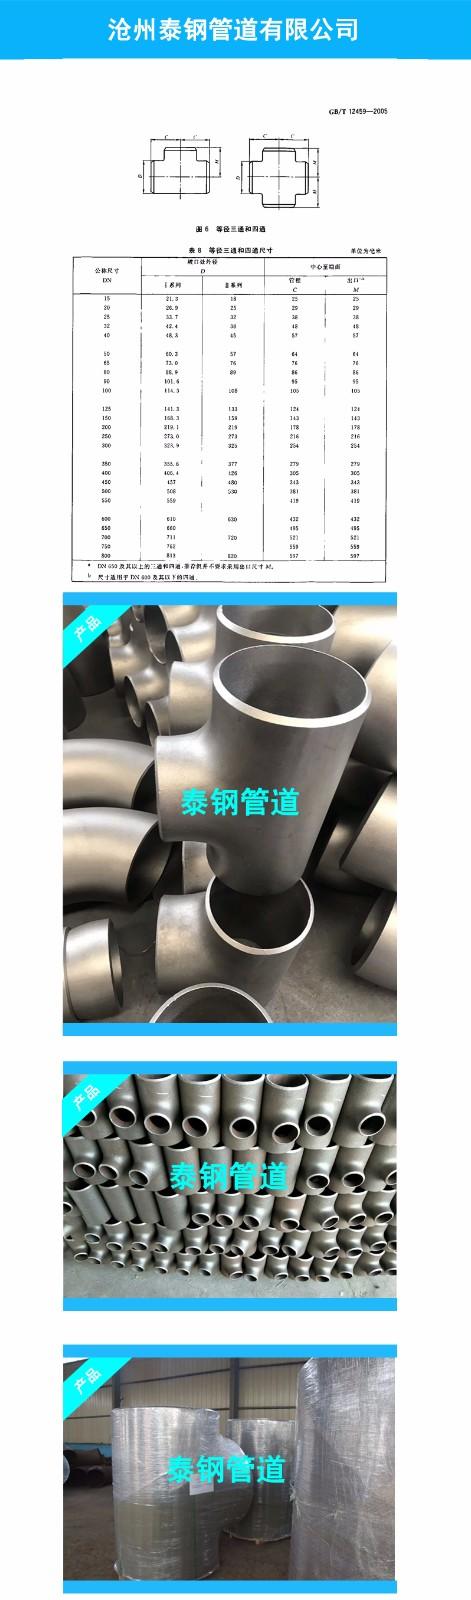 不銹鋼三通|三通系列-滄州泰鋼管道有限公司.